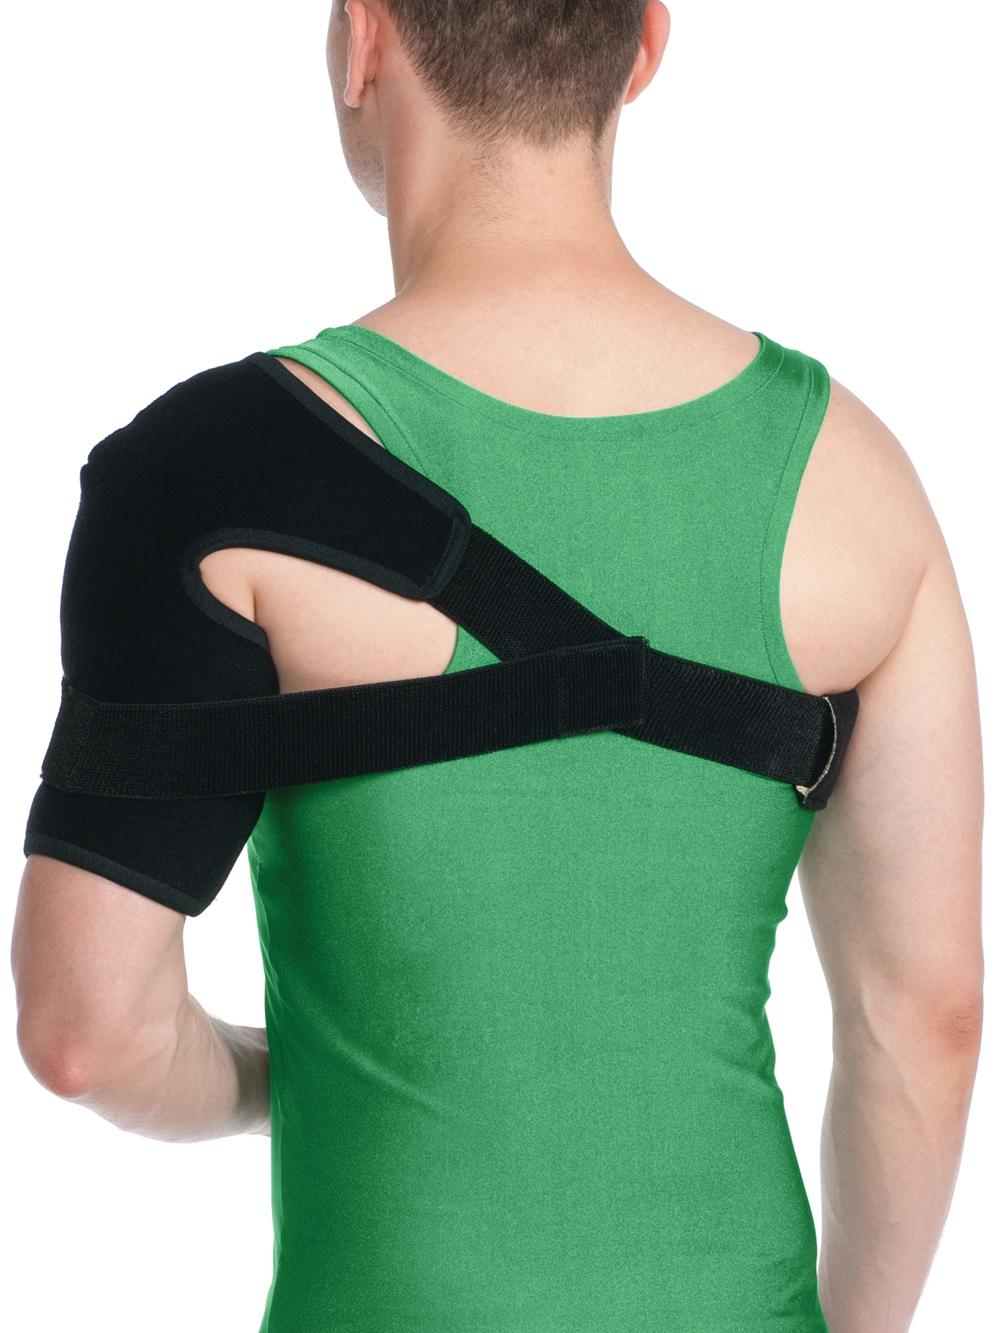 Бандаж на плечевой сустав эластичный киев купить артез коленного сустава